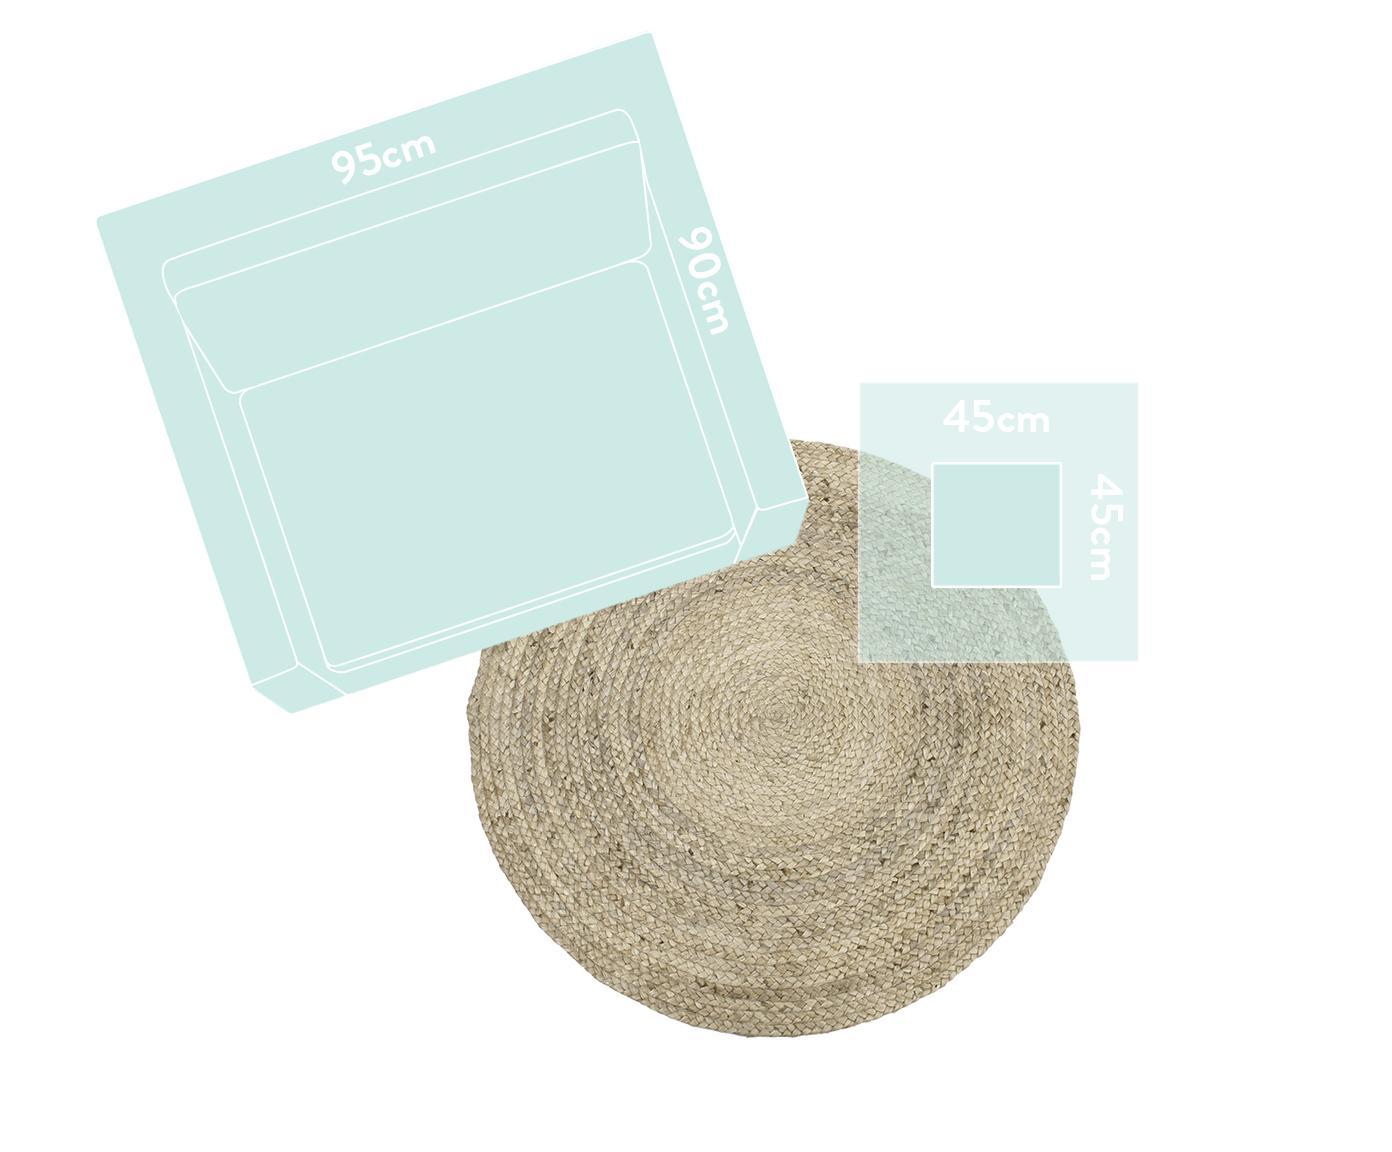 Tappeto in juta tessuto a mano Sharmila, Juta, Beige, Ø 200 cm (taglia L)